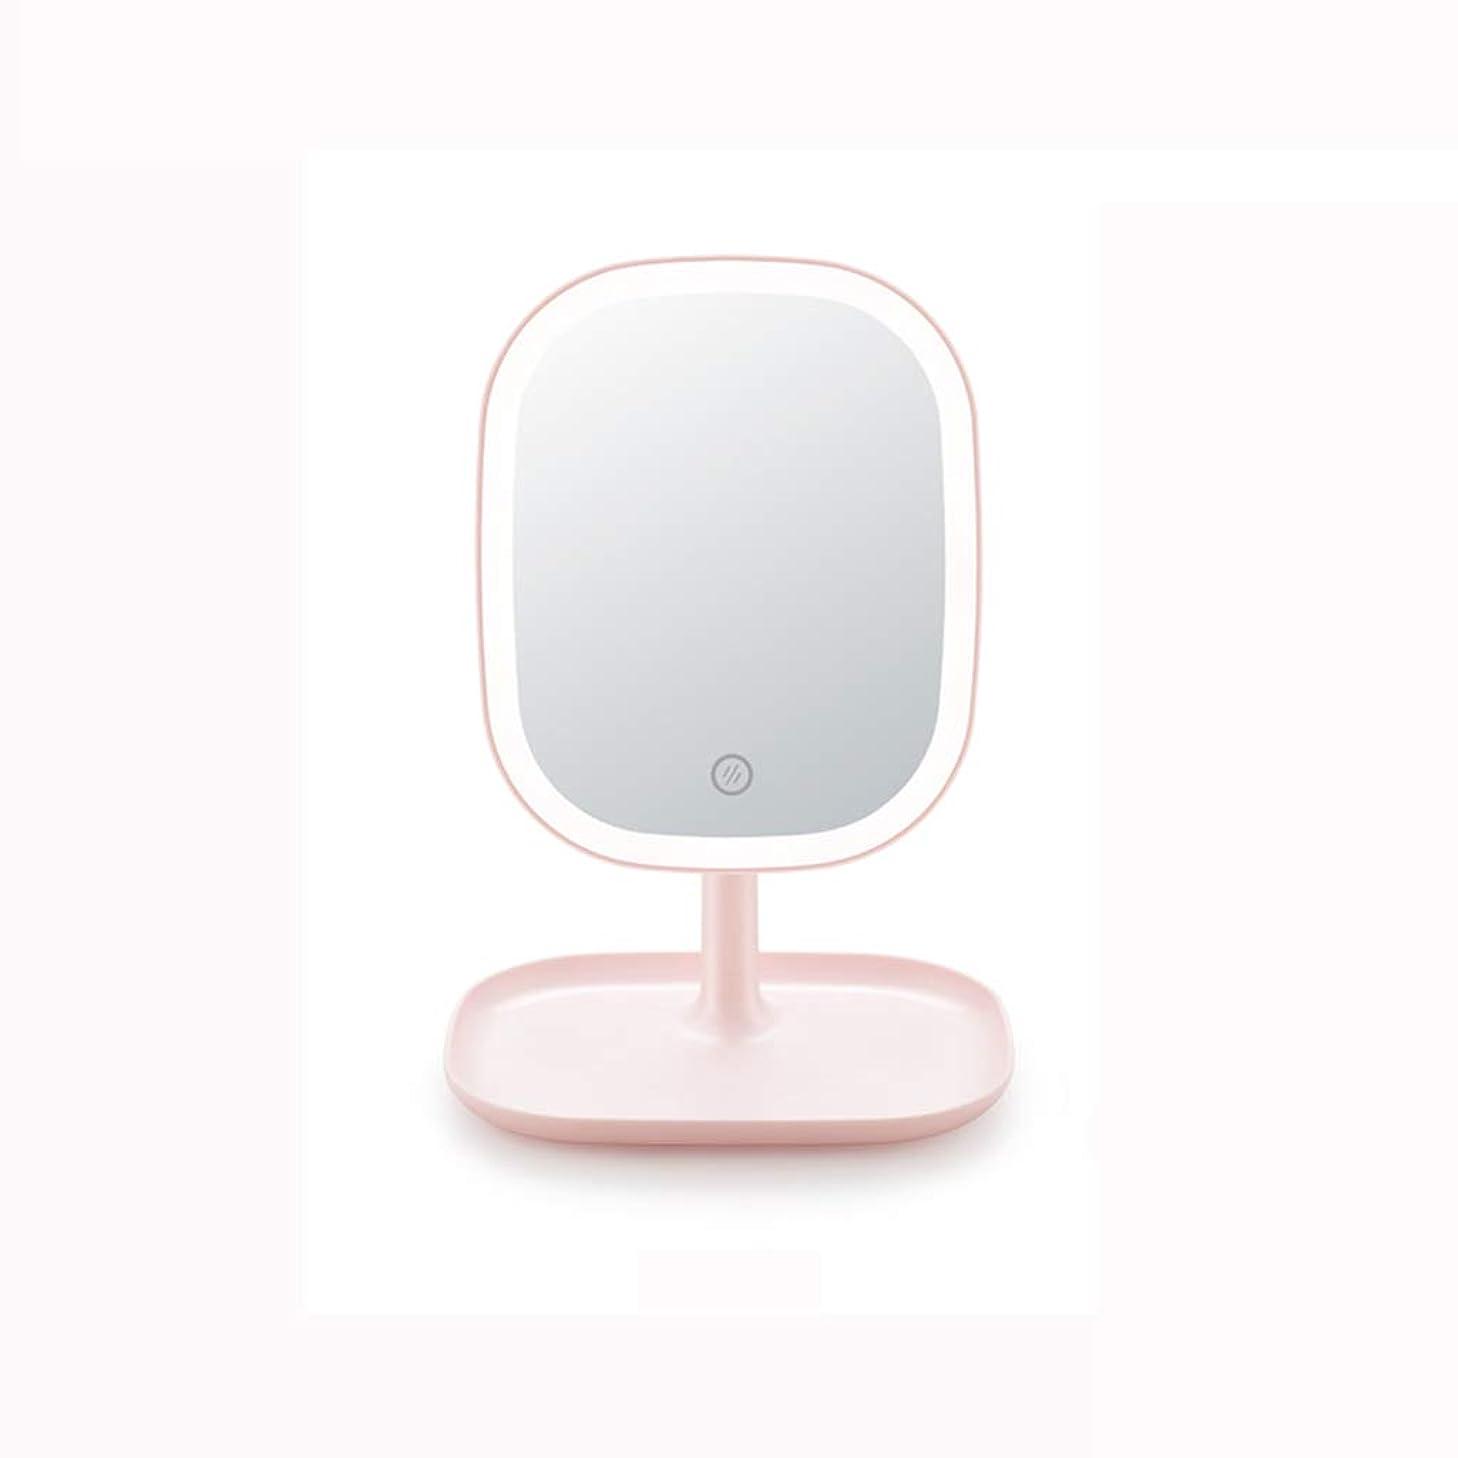 コード愛されし者空気照明付き化粧鏡、トラベルバニティミラー、タッチスクリーン付き調光テーブルカウンター化粧鏡,Pink